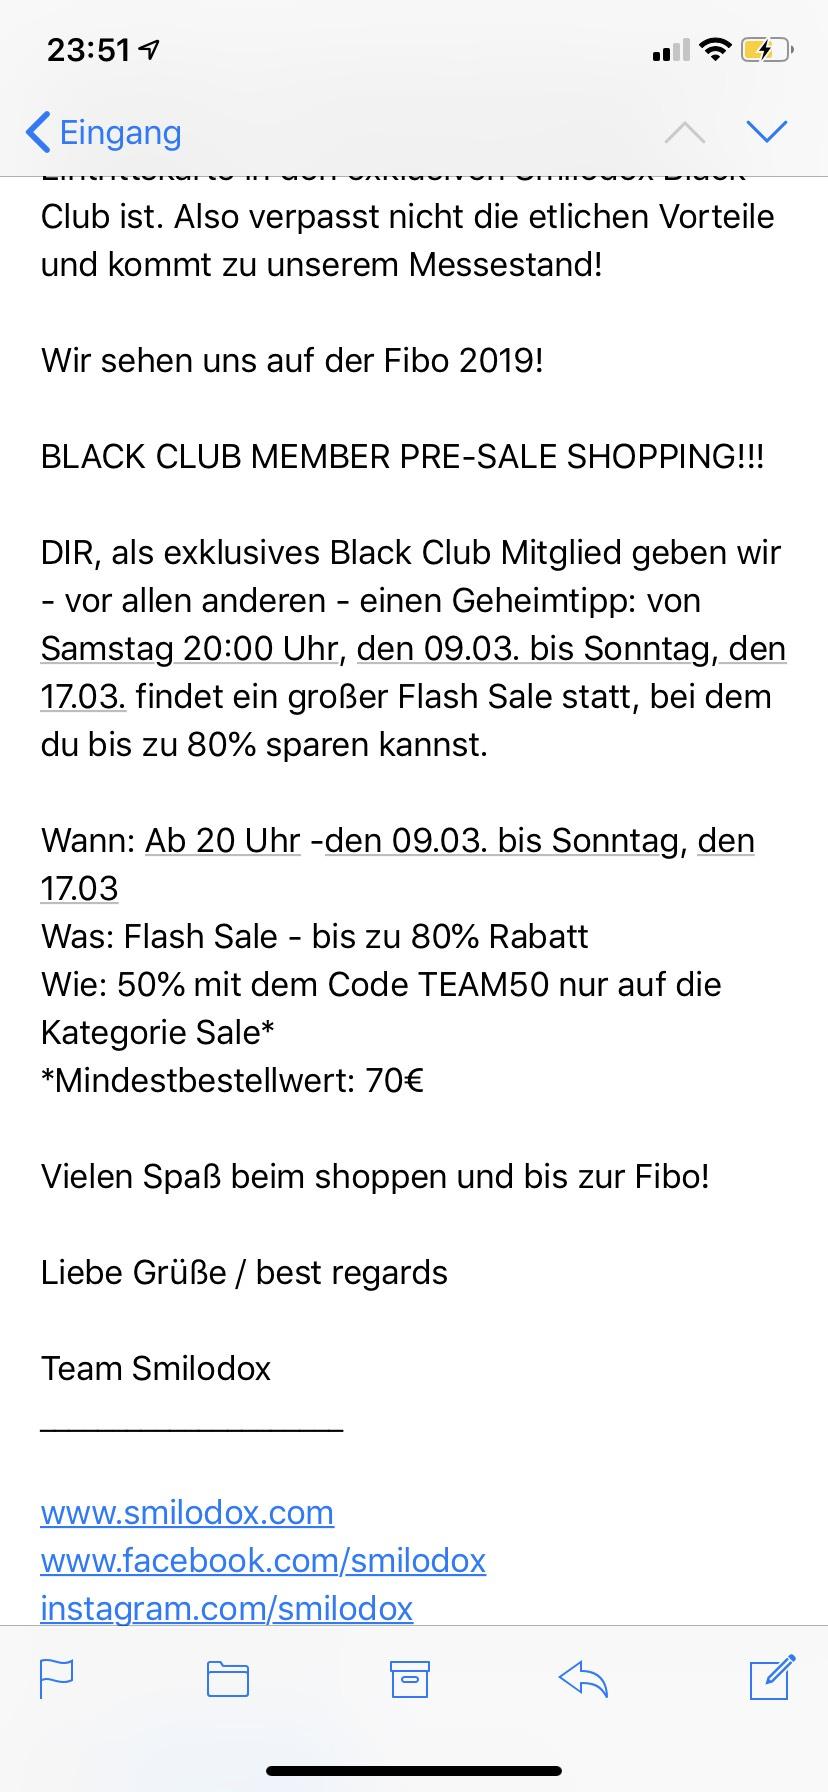 Smilodox 50% Rabatt auf den Sale vom 9.3-17.3